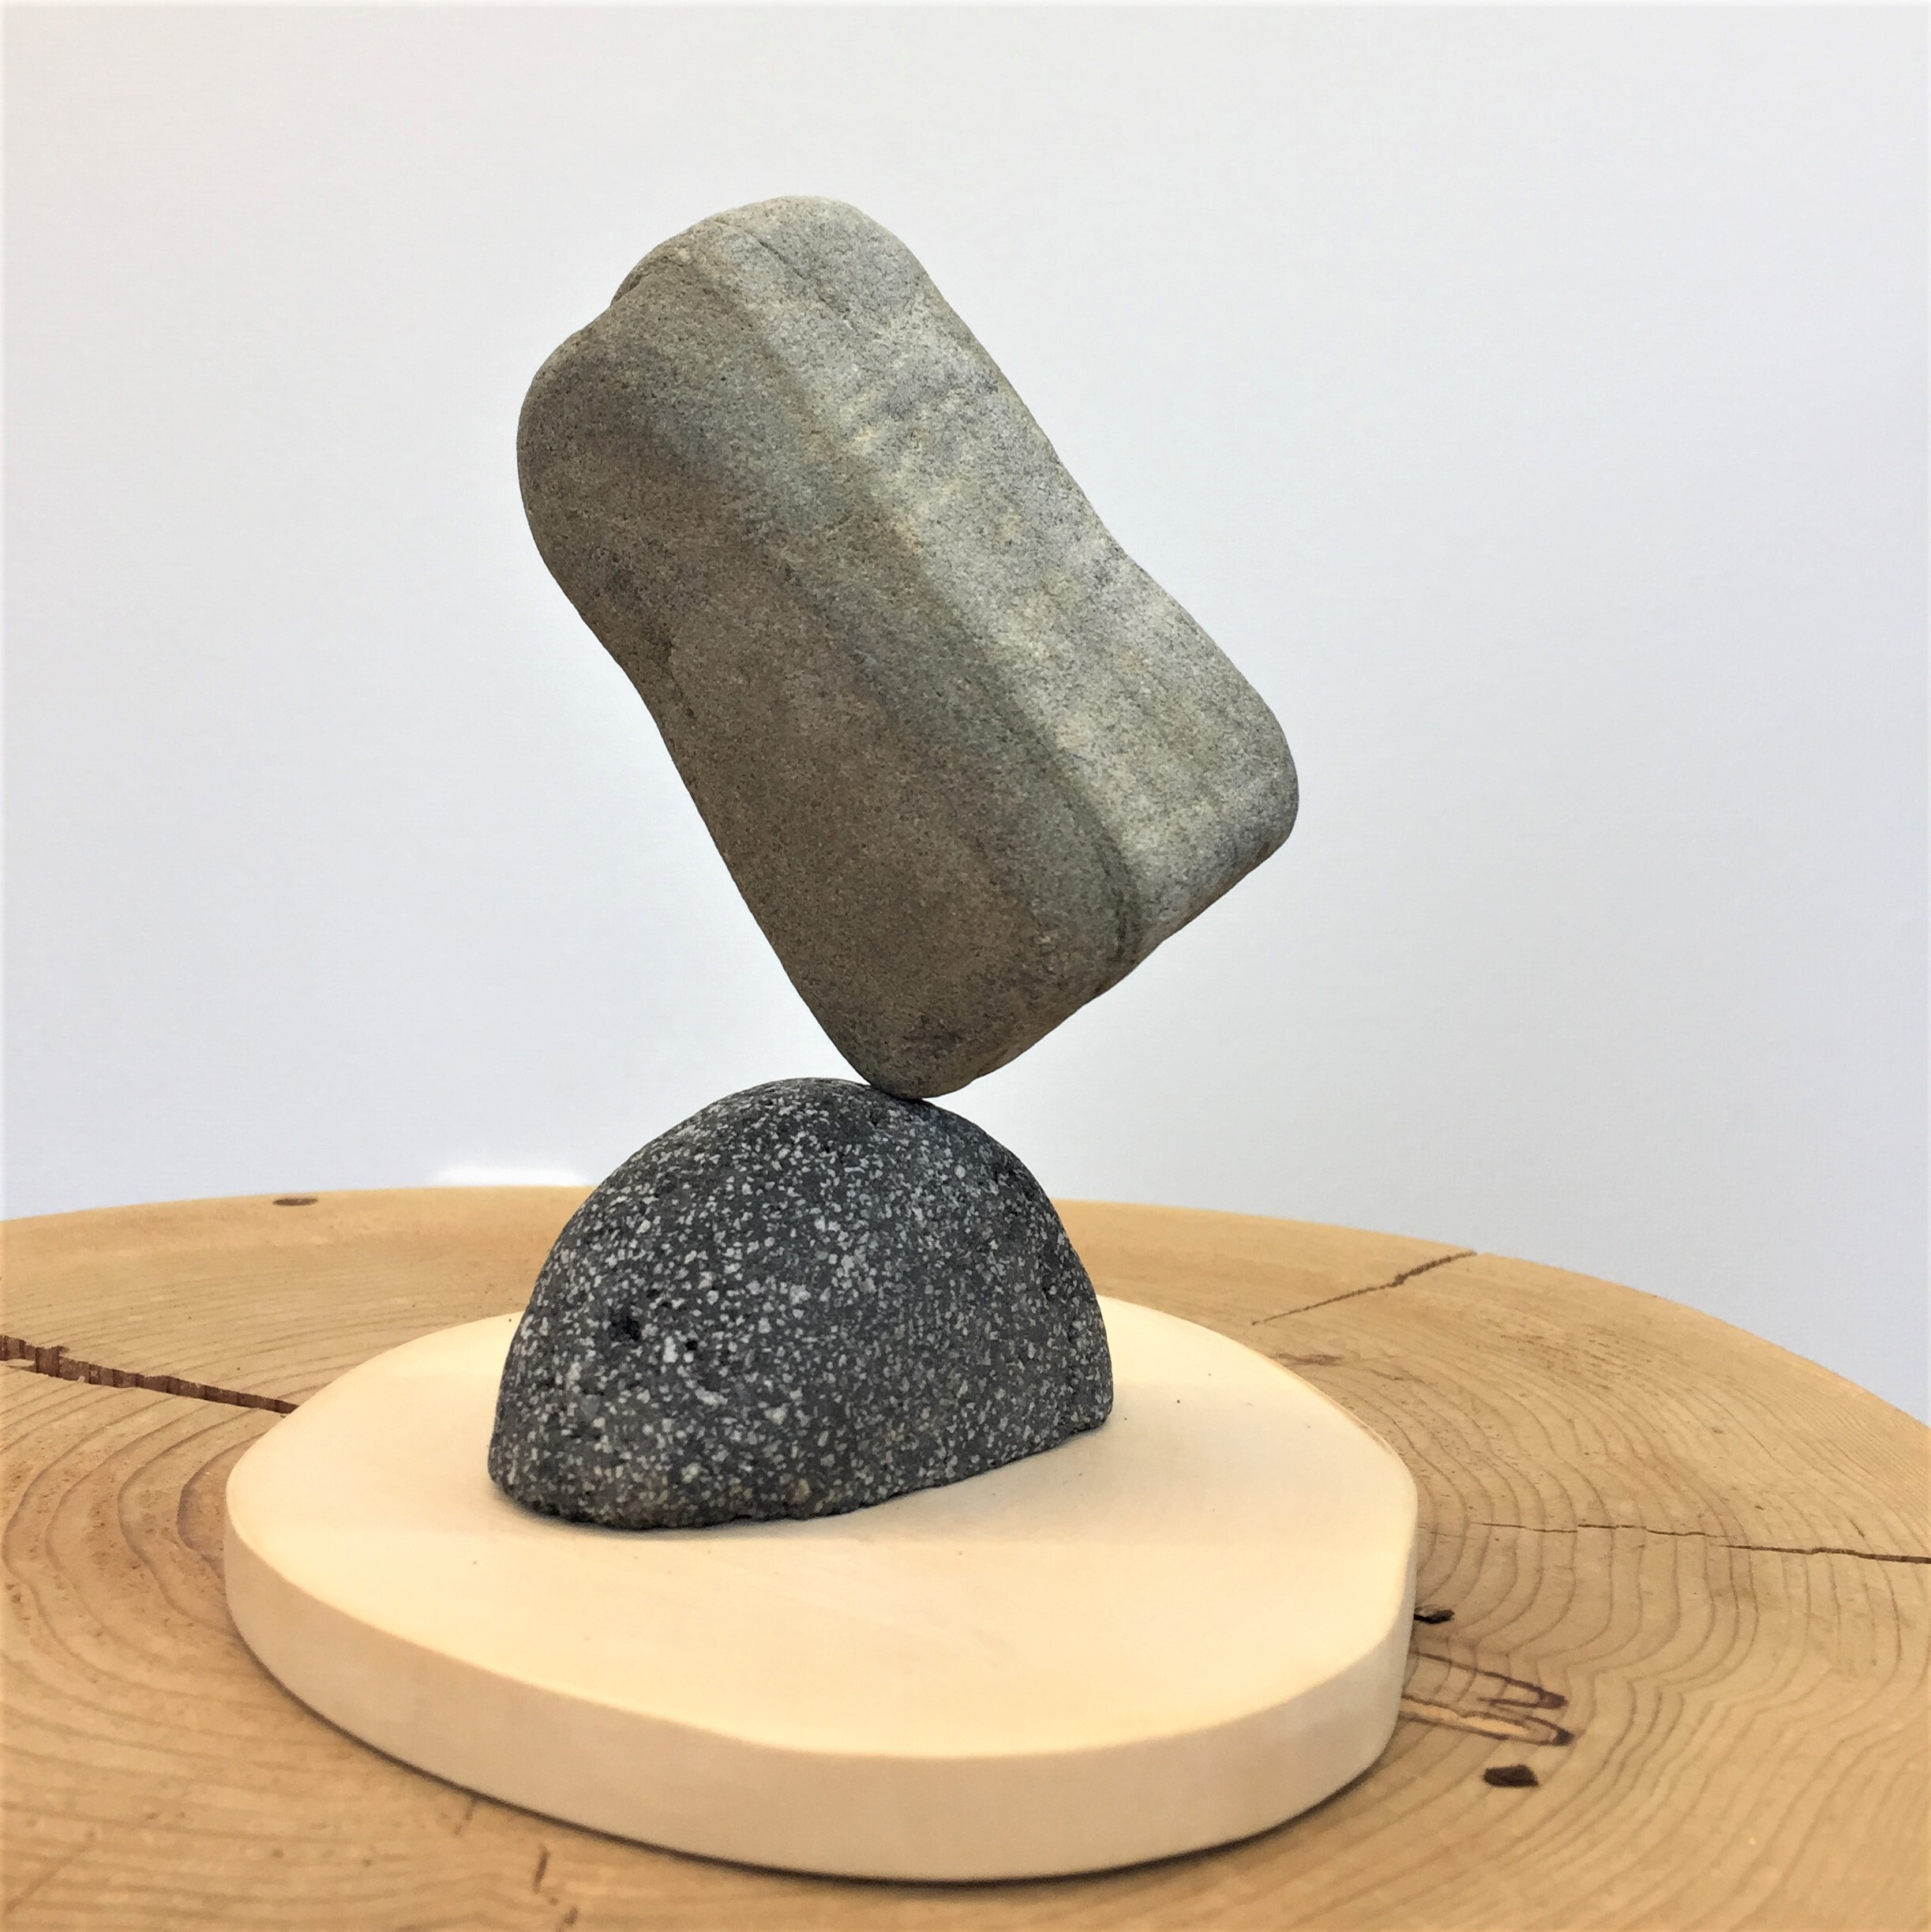 「マルタ座」 かませ石セット(皮なし)[m8-4233b]